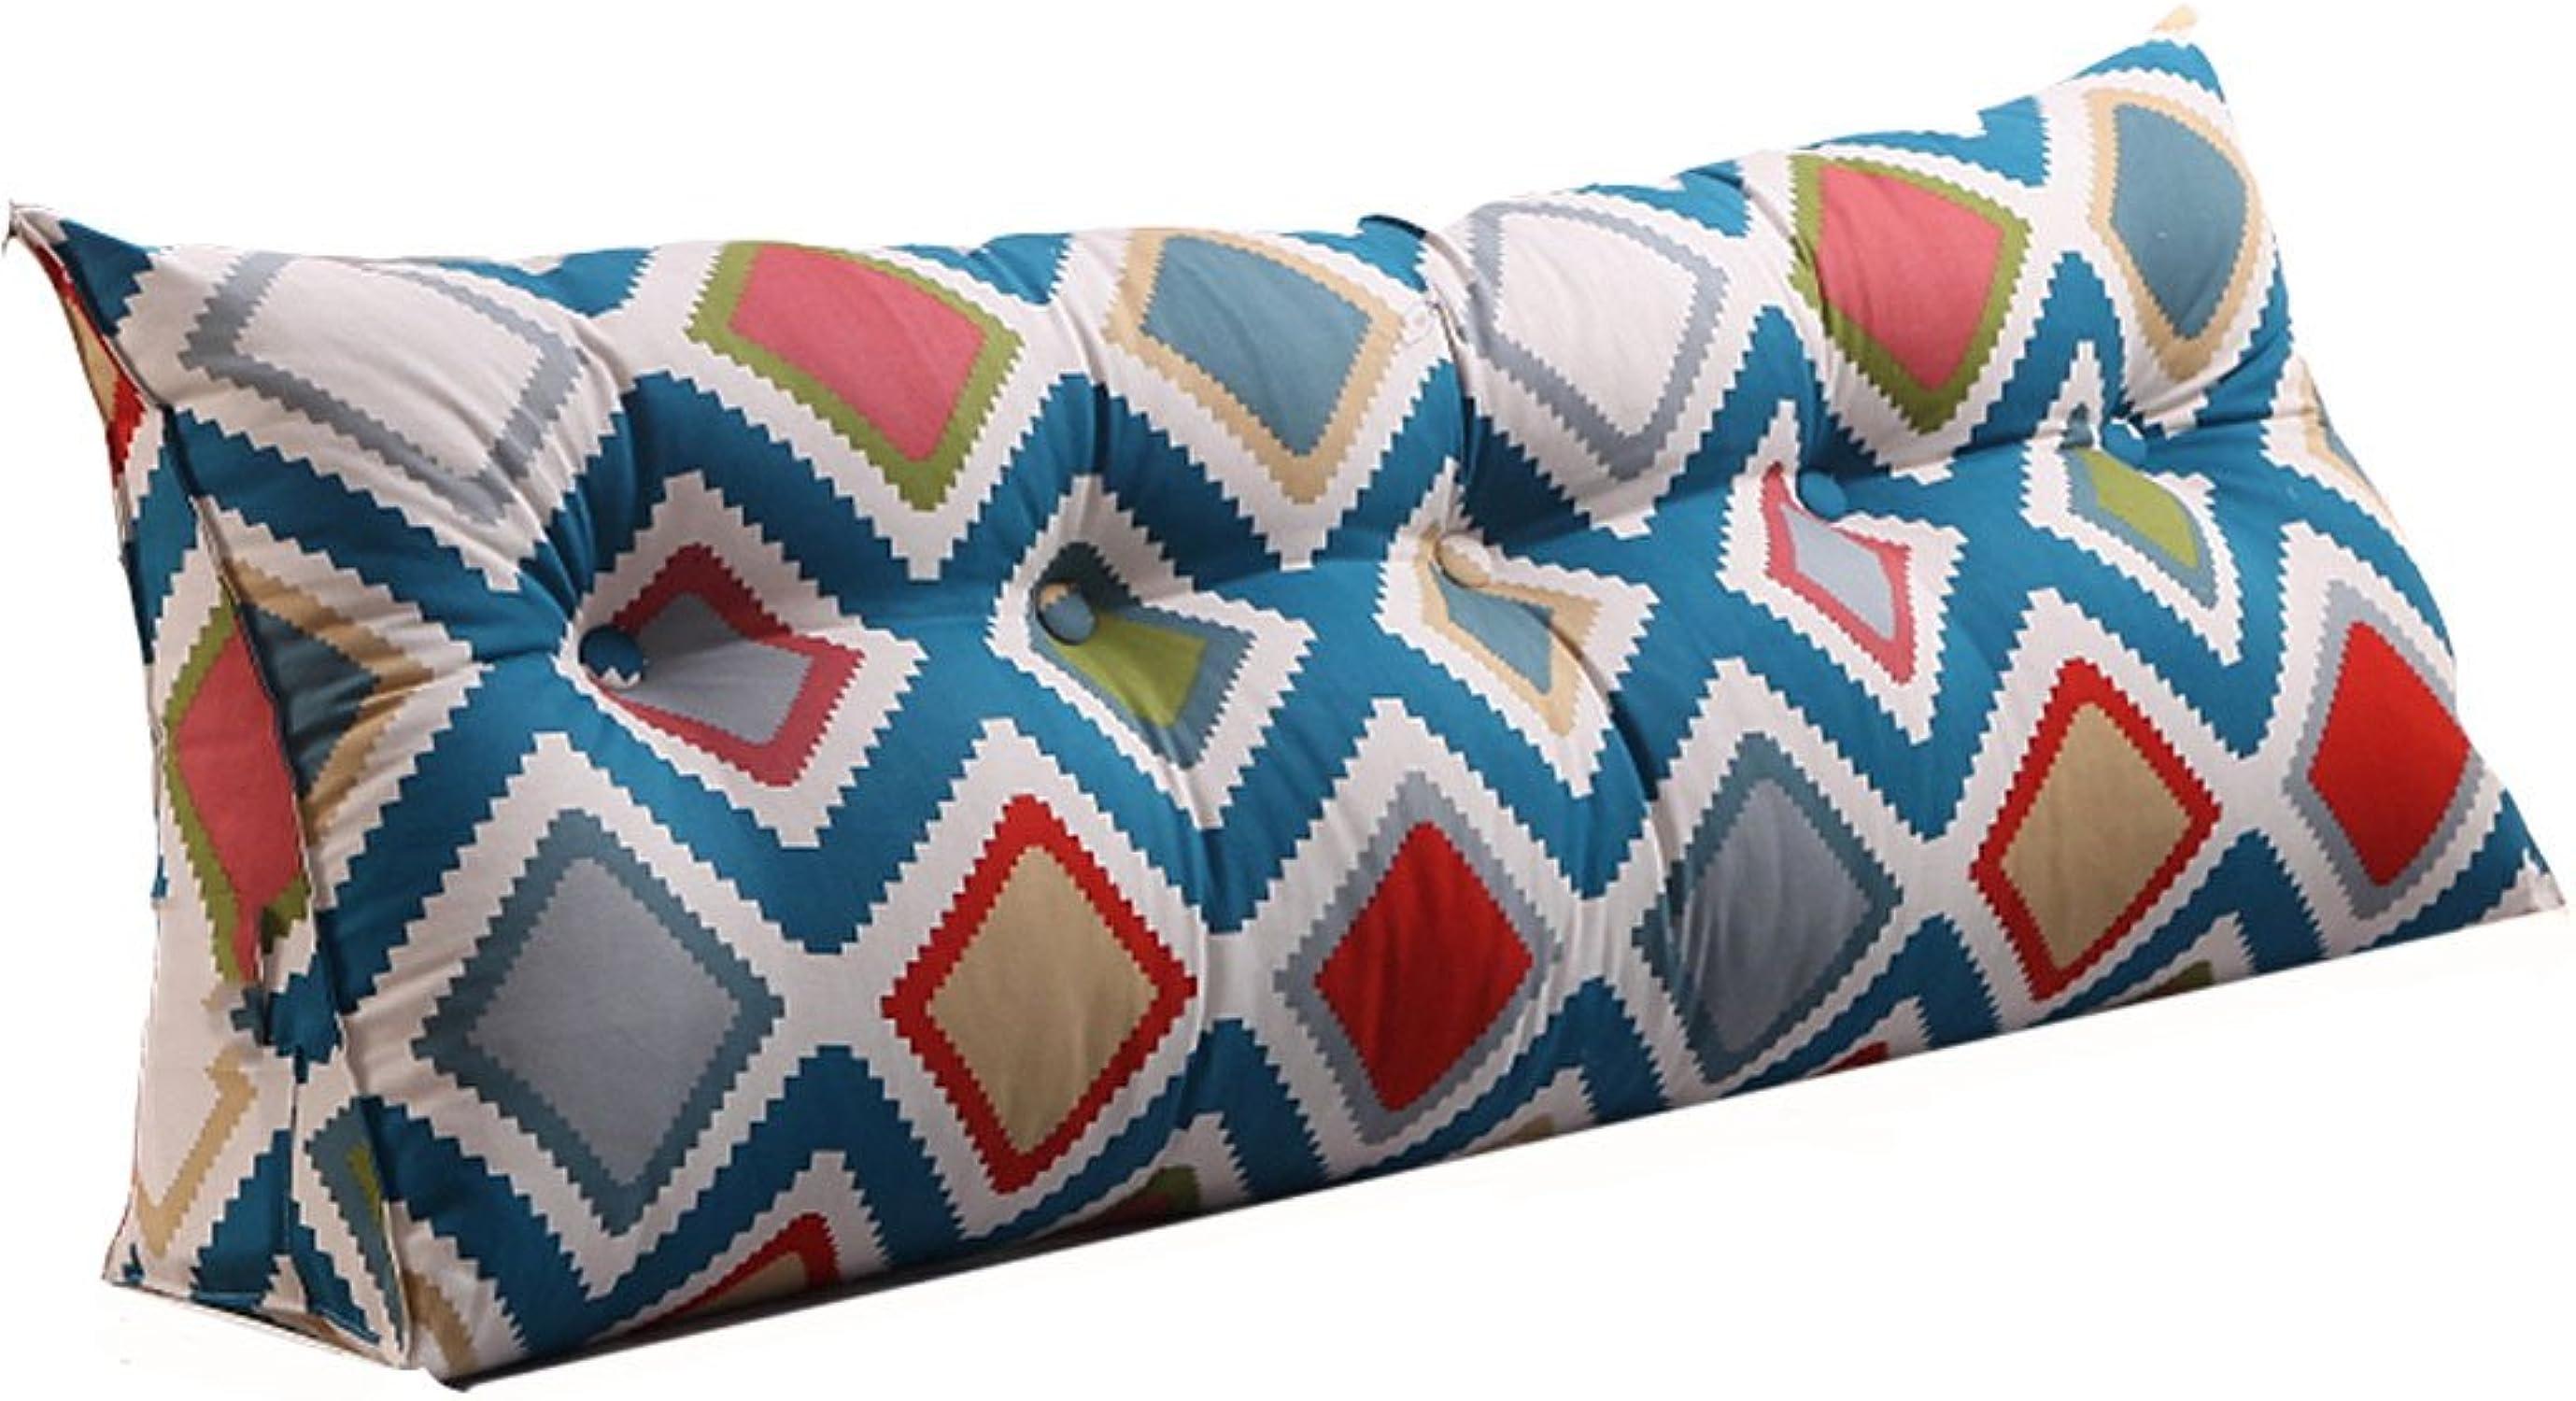 XXT-oreiller Coussin Triangulaire Taie d'oreiller Oreiller Lombaire Coussins de canapé Grand Coussin sur Le lit (Couleur   C, Taille   180cm)